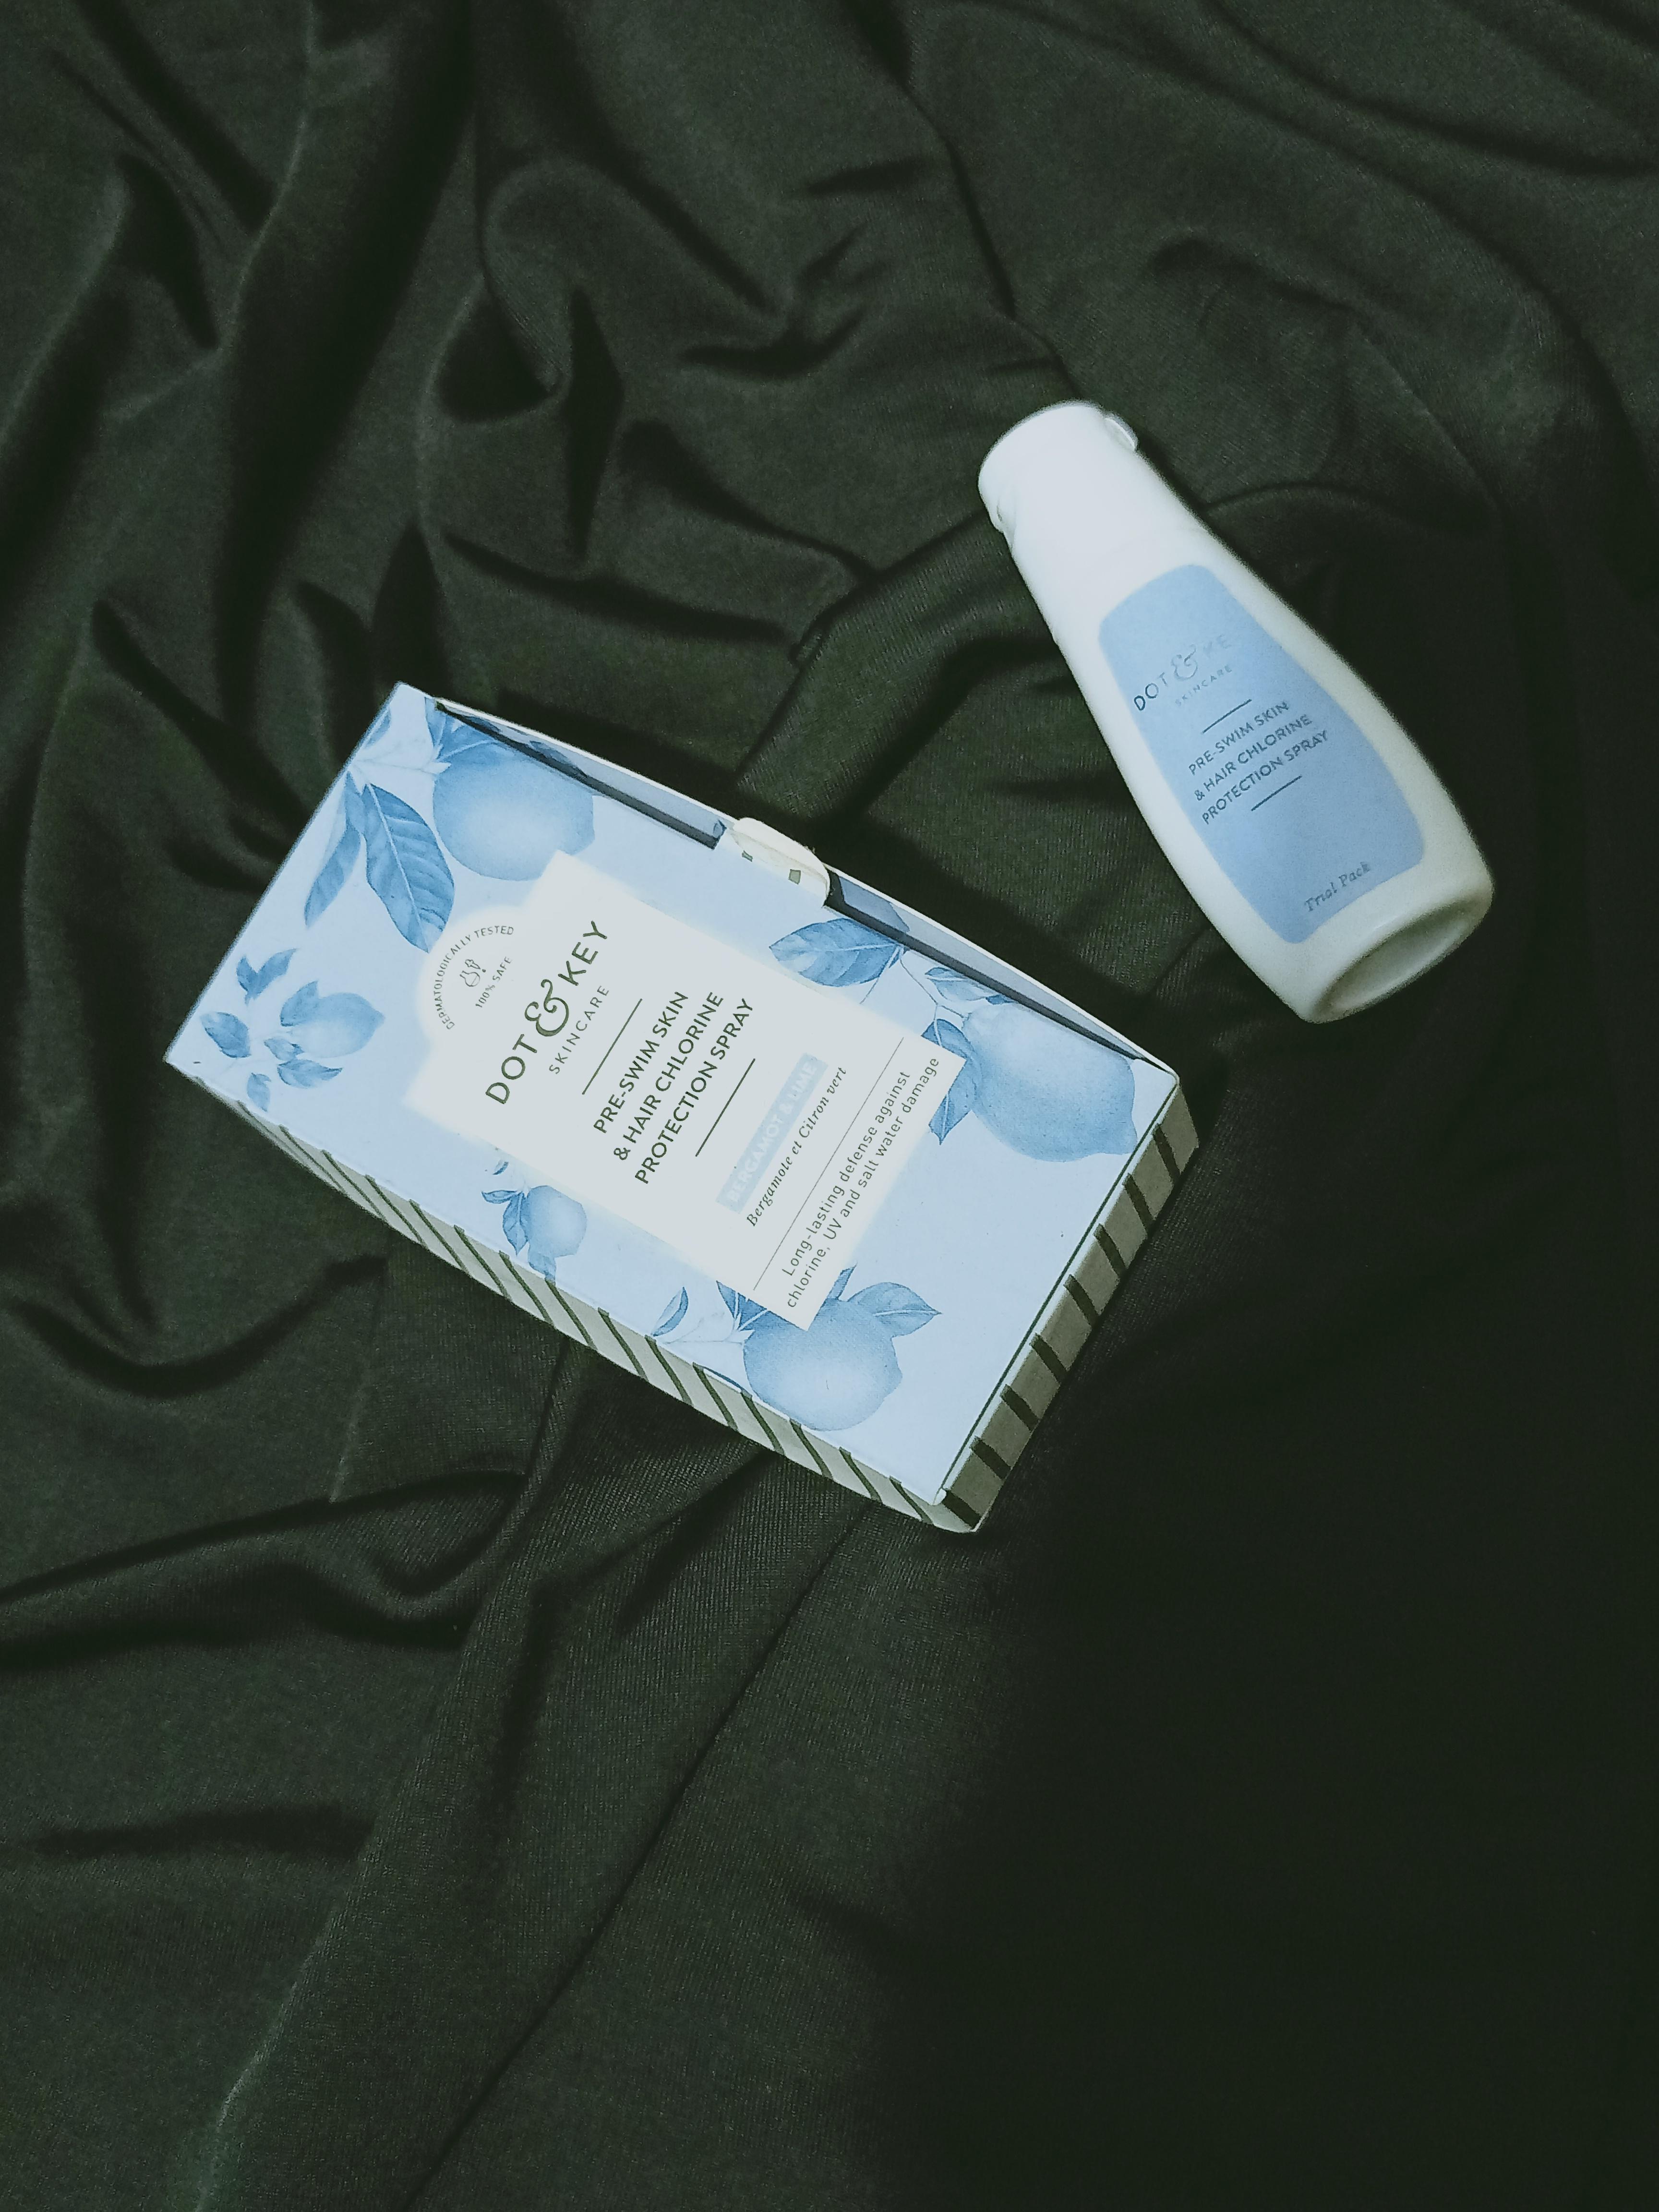 Dot & Key Pre Swim Skin & Hair Chlorine Protection Spray SPF 30-Pre swim spray-By lilgirl27